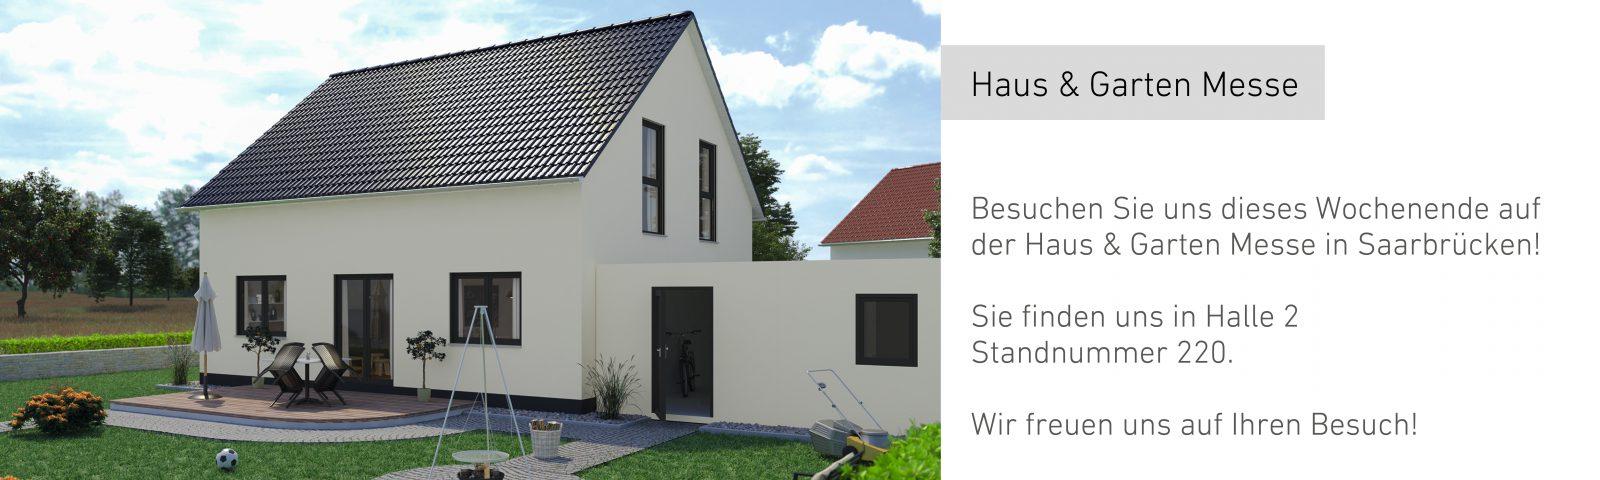 Haus & Garten Messe in Saarbrücken